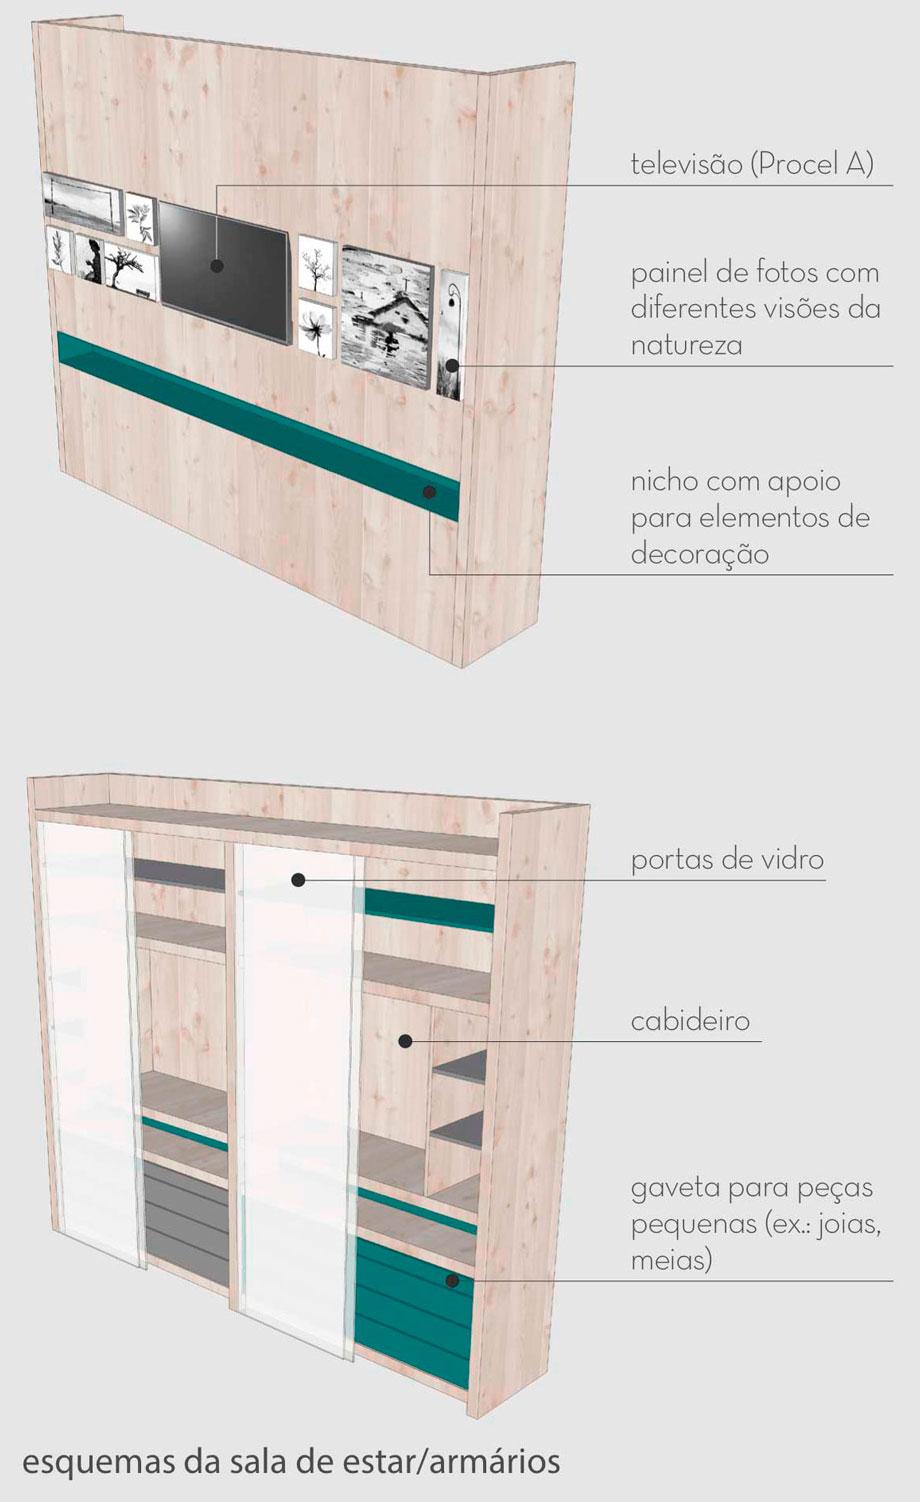 casa-sustentavel-leroy-merlin-casacor-sao-paulo-07